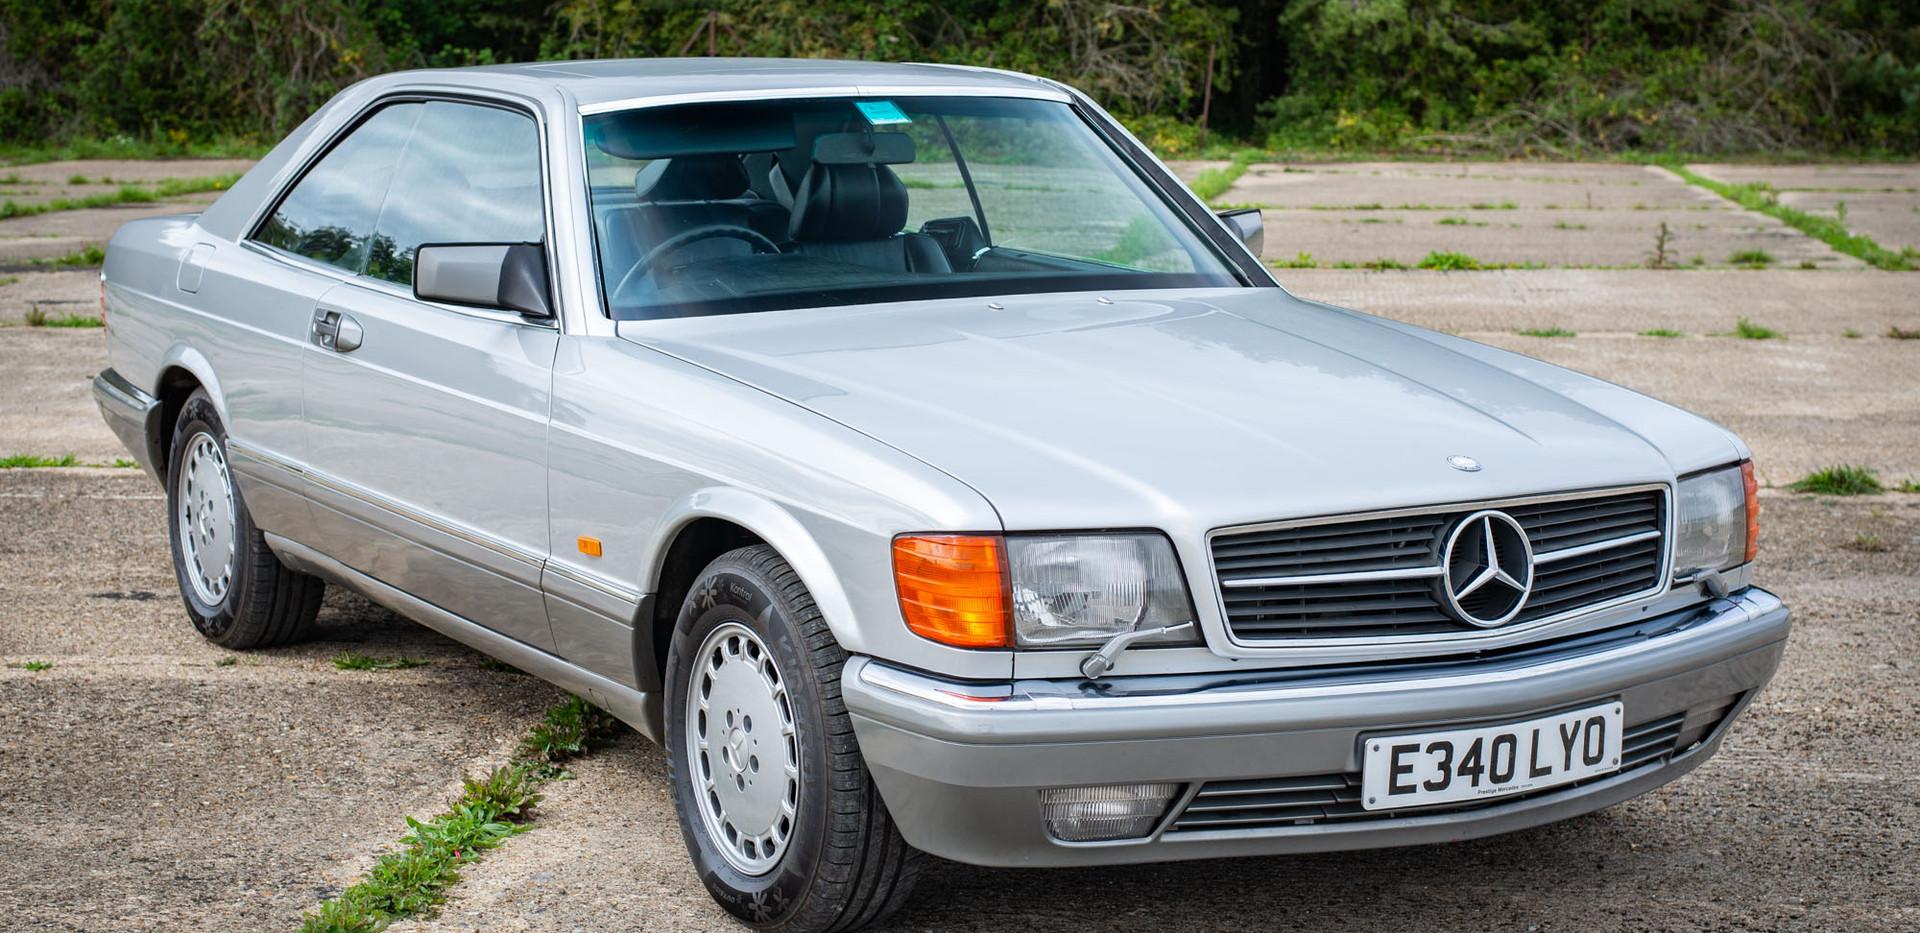 W126 420SEC - Uk for sale london-8.jpg